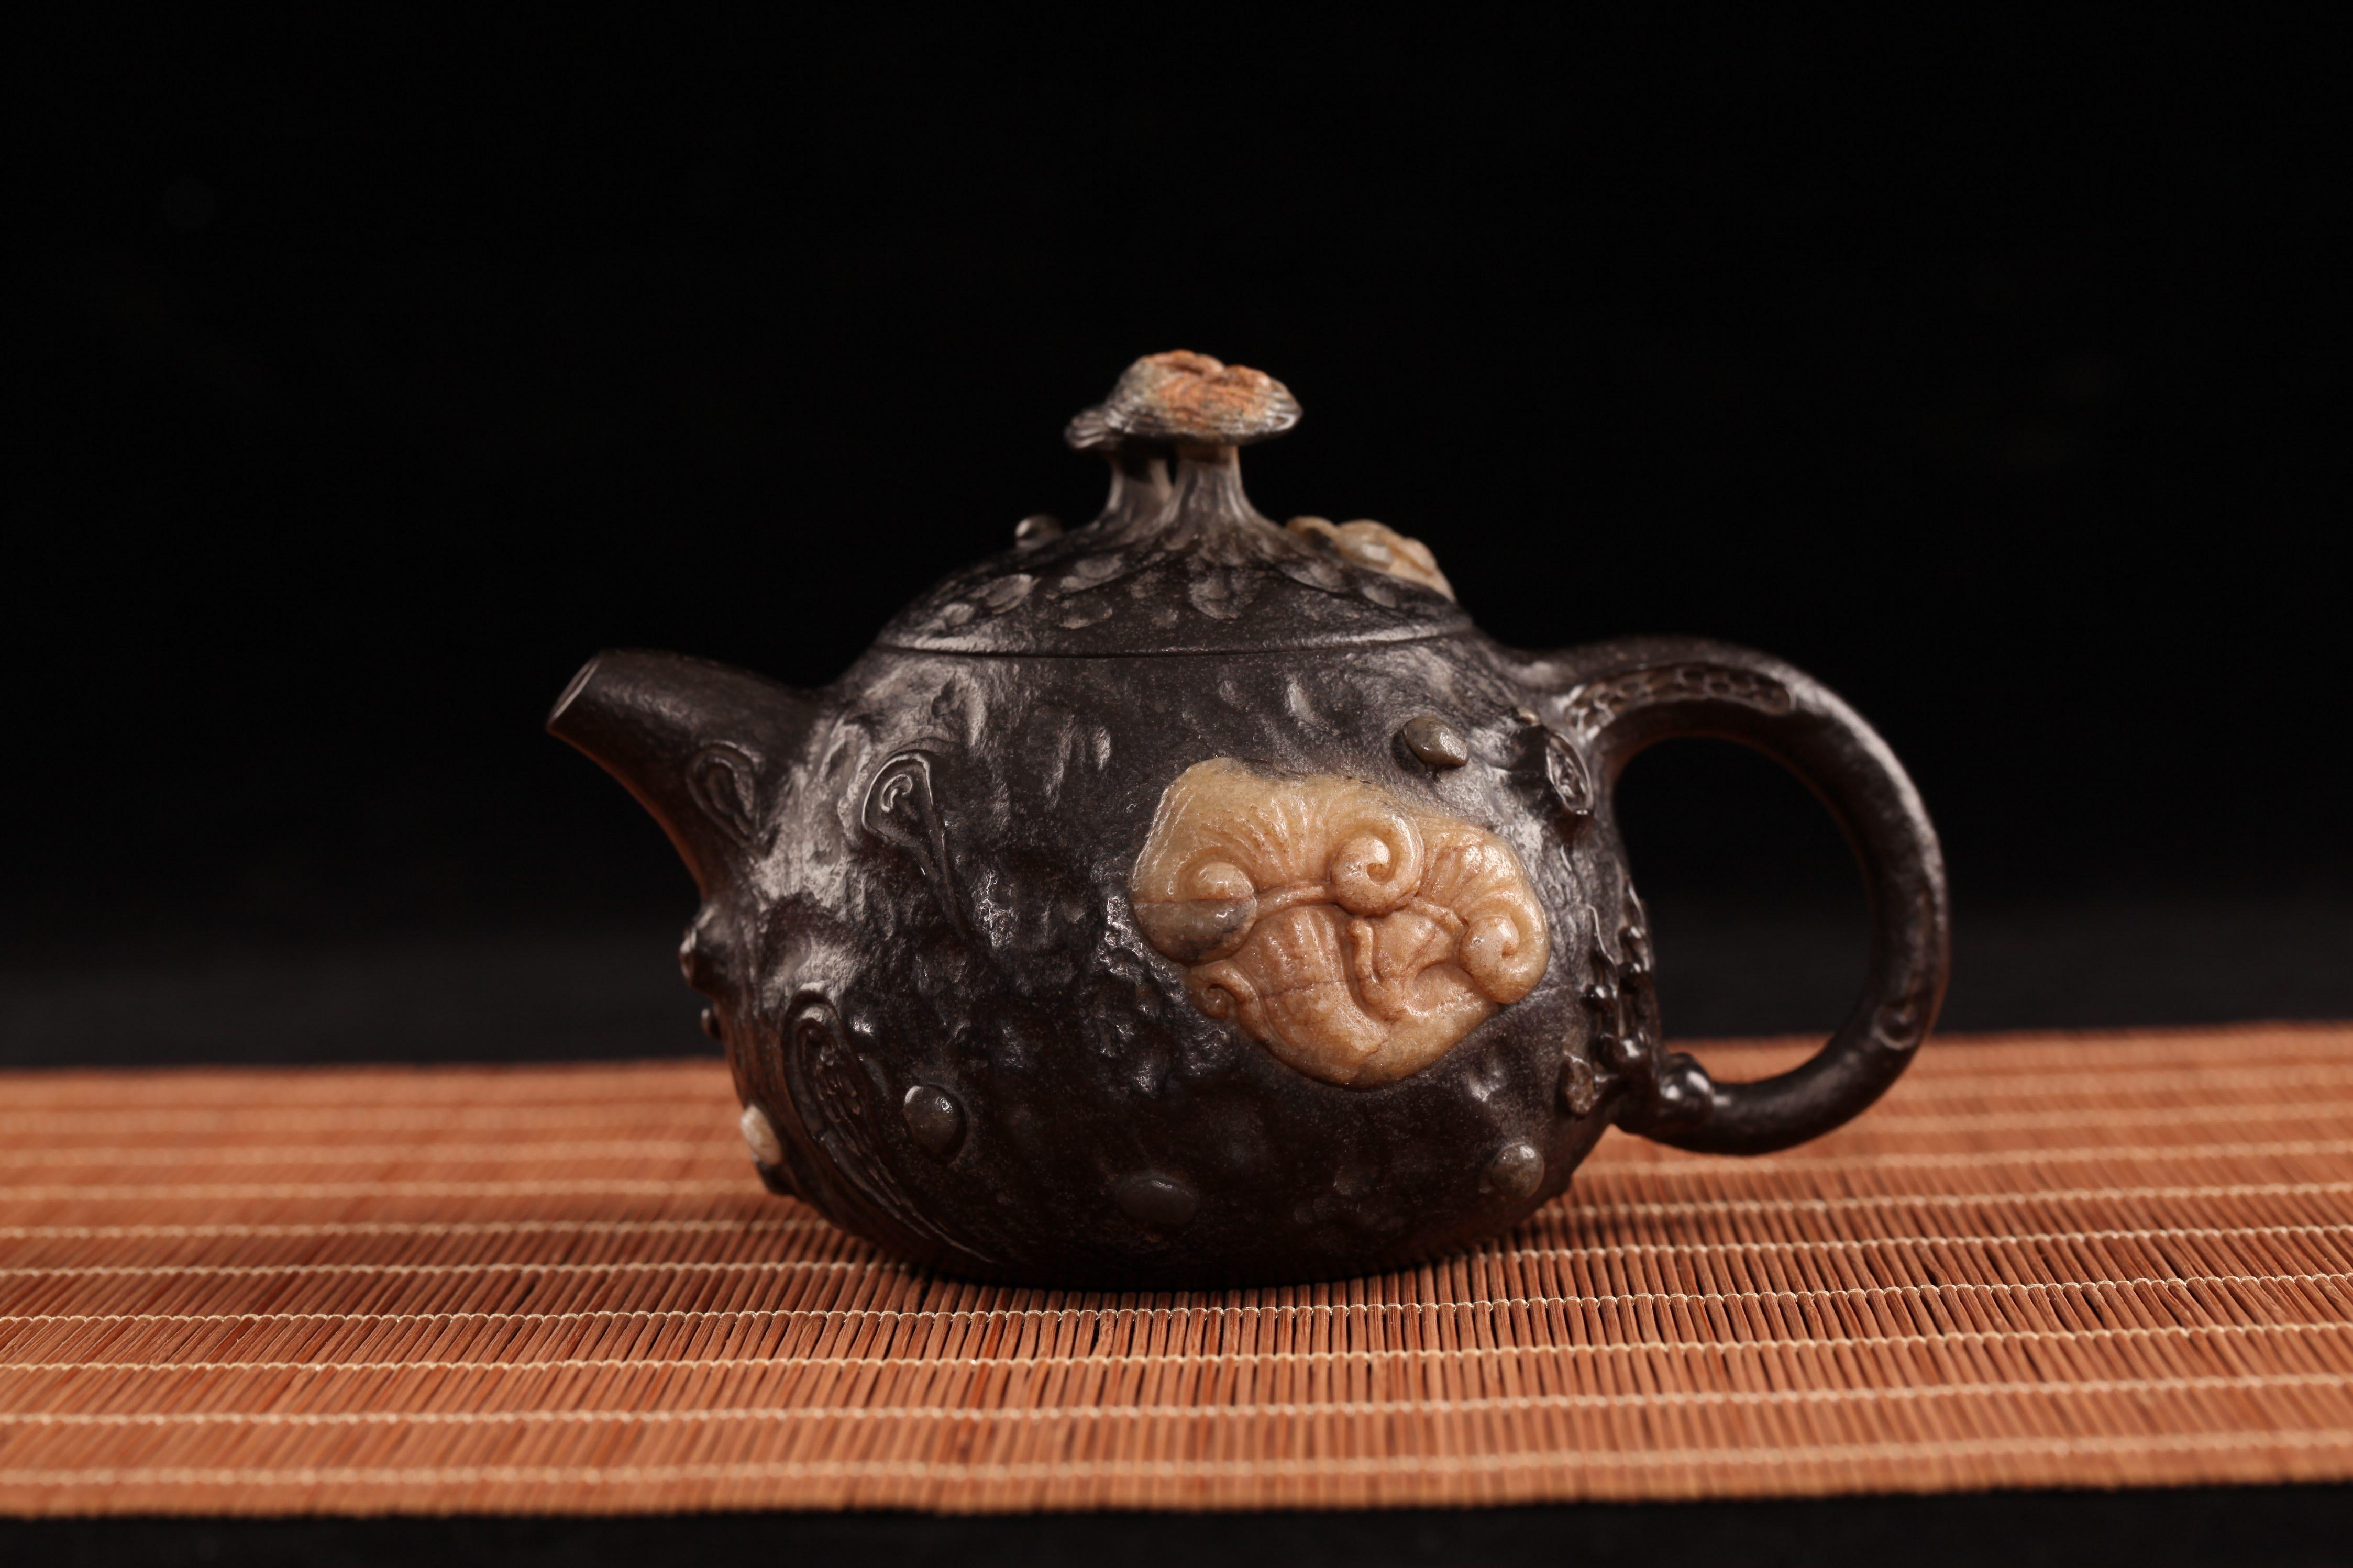 庄惠东的作品-庄惠东石雕作品《逢春》